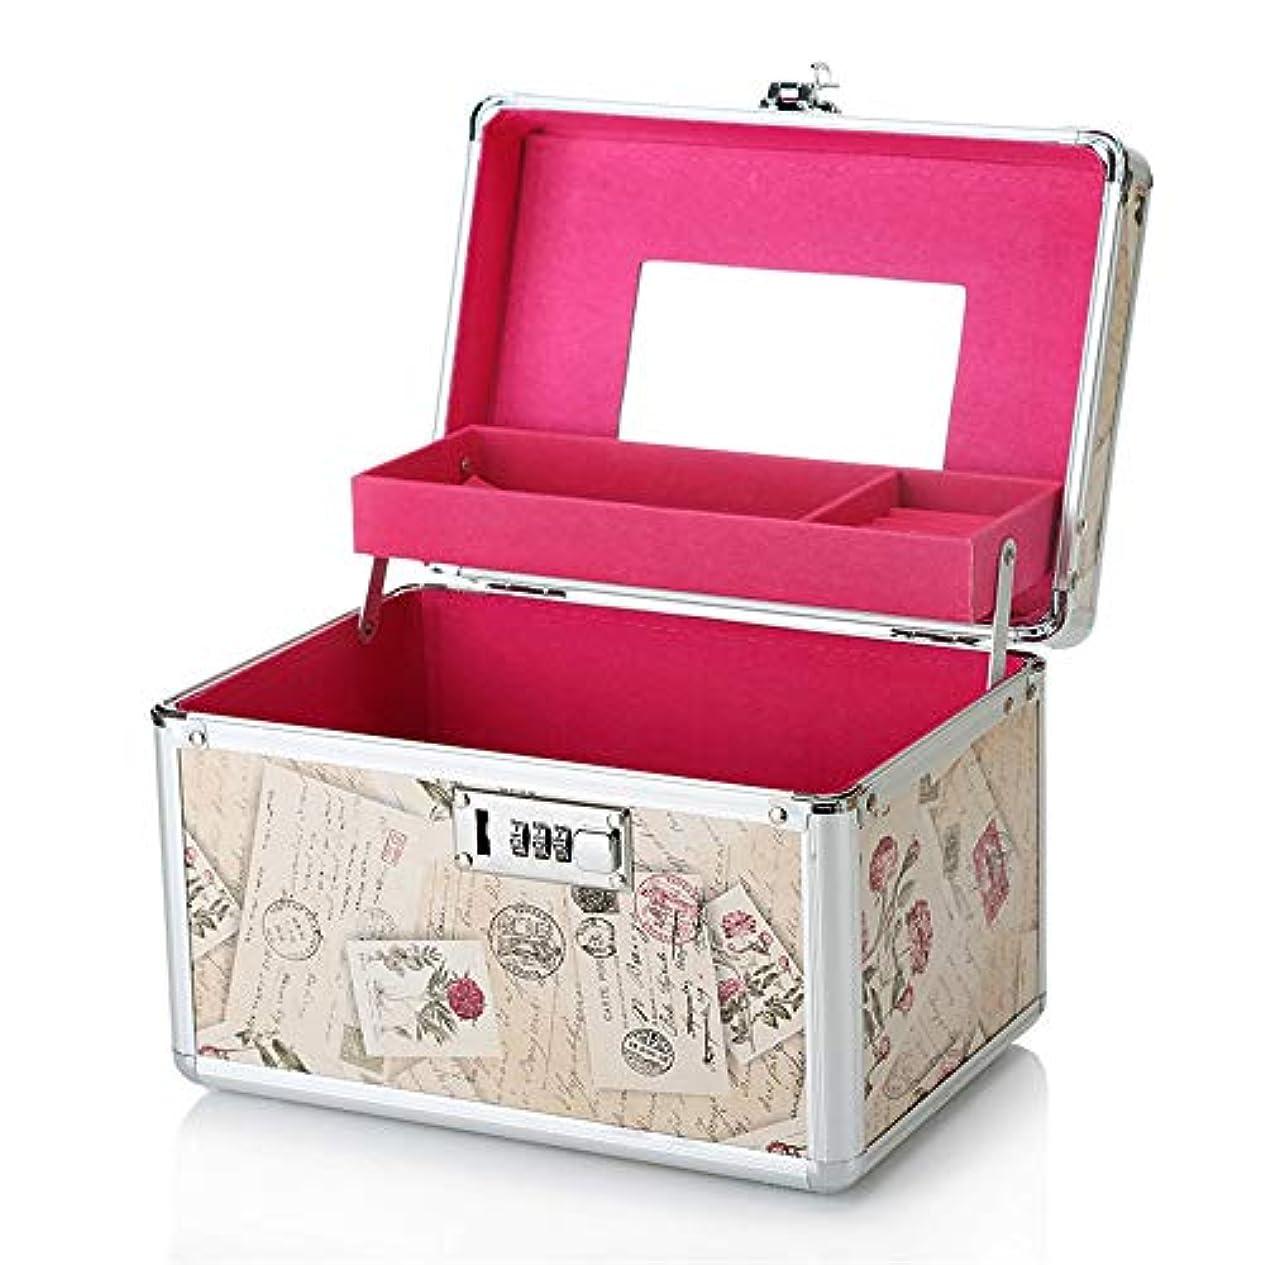 食欲昇るこだわり化粧オーガナイザーバッグ 化粧箱バニティロック可能な美容メイクアップネイルジュエリーポータブルケース収納ボックス 化粧品ケース